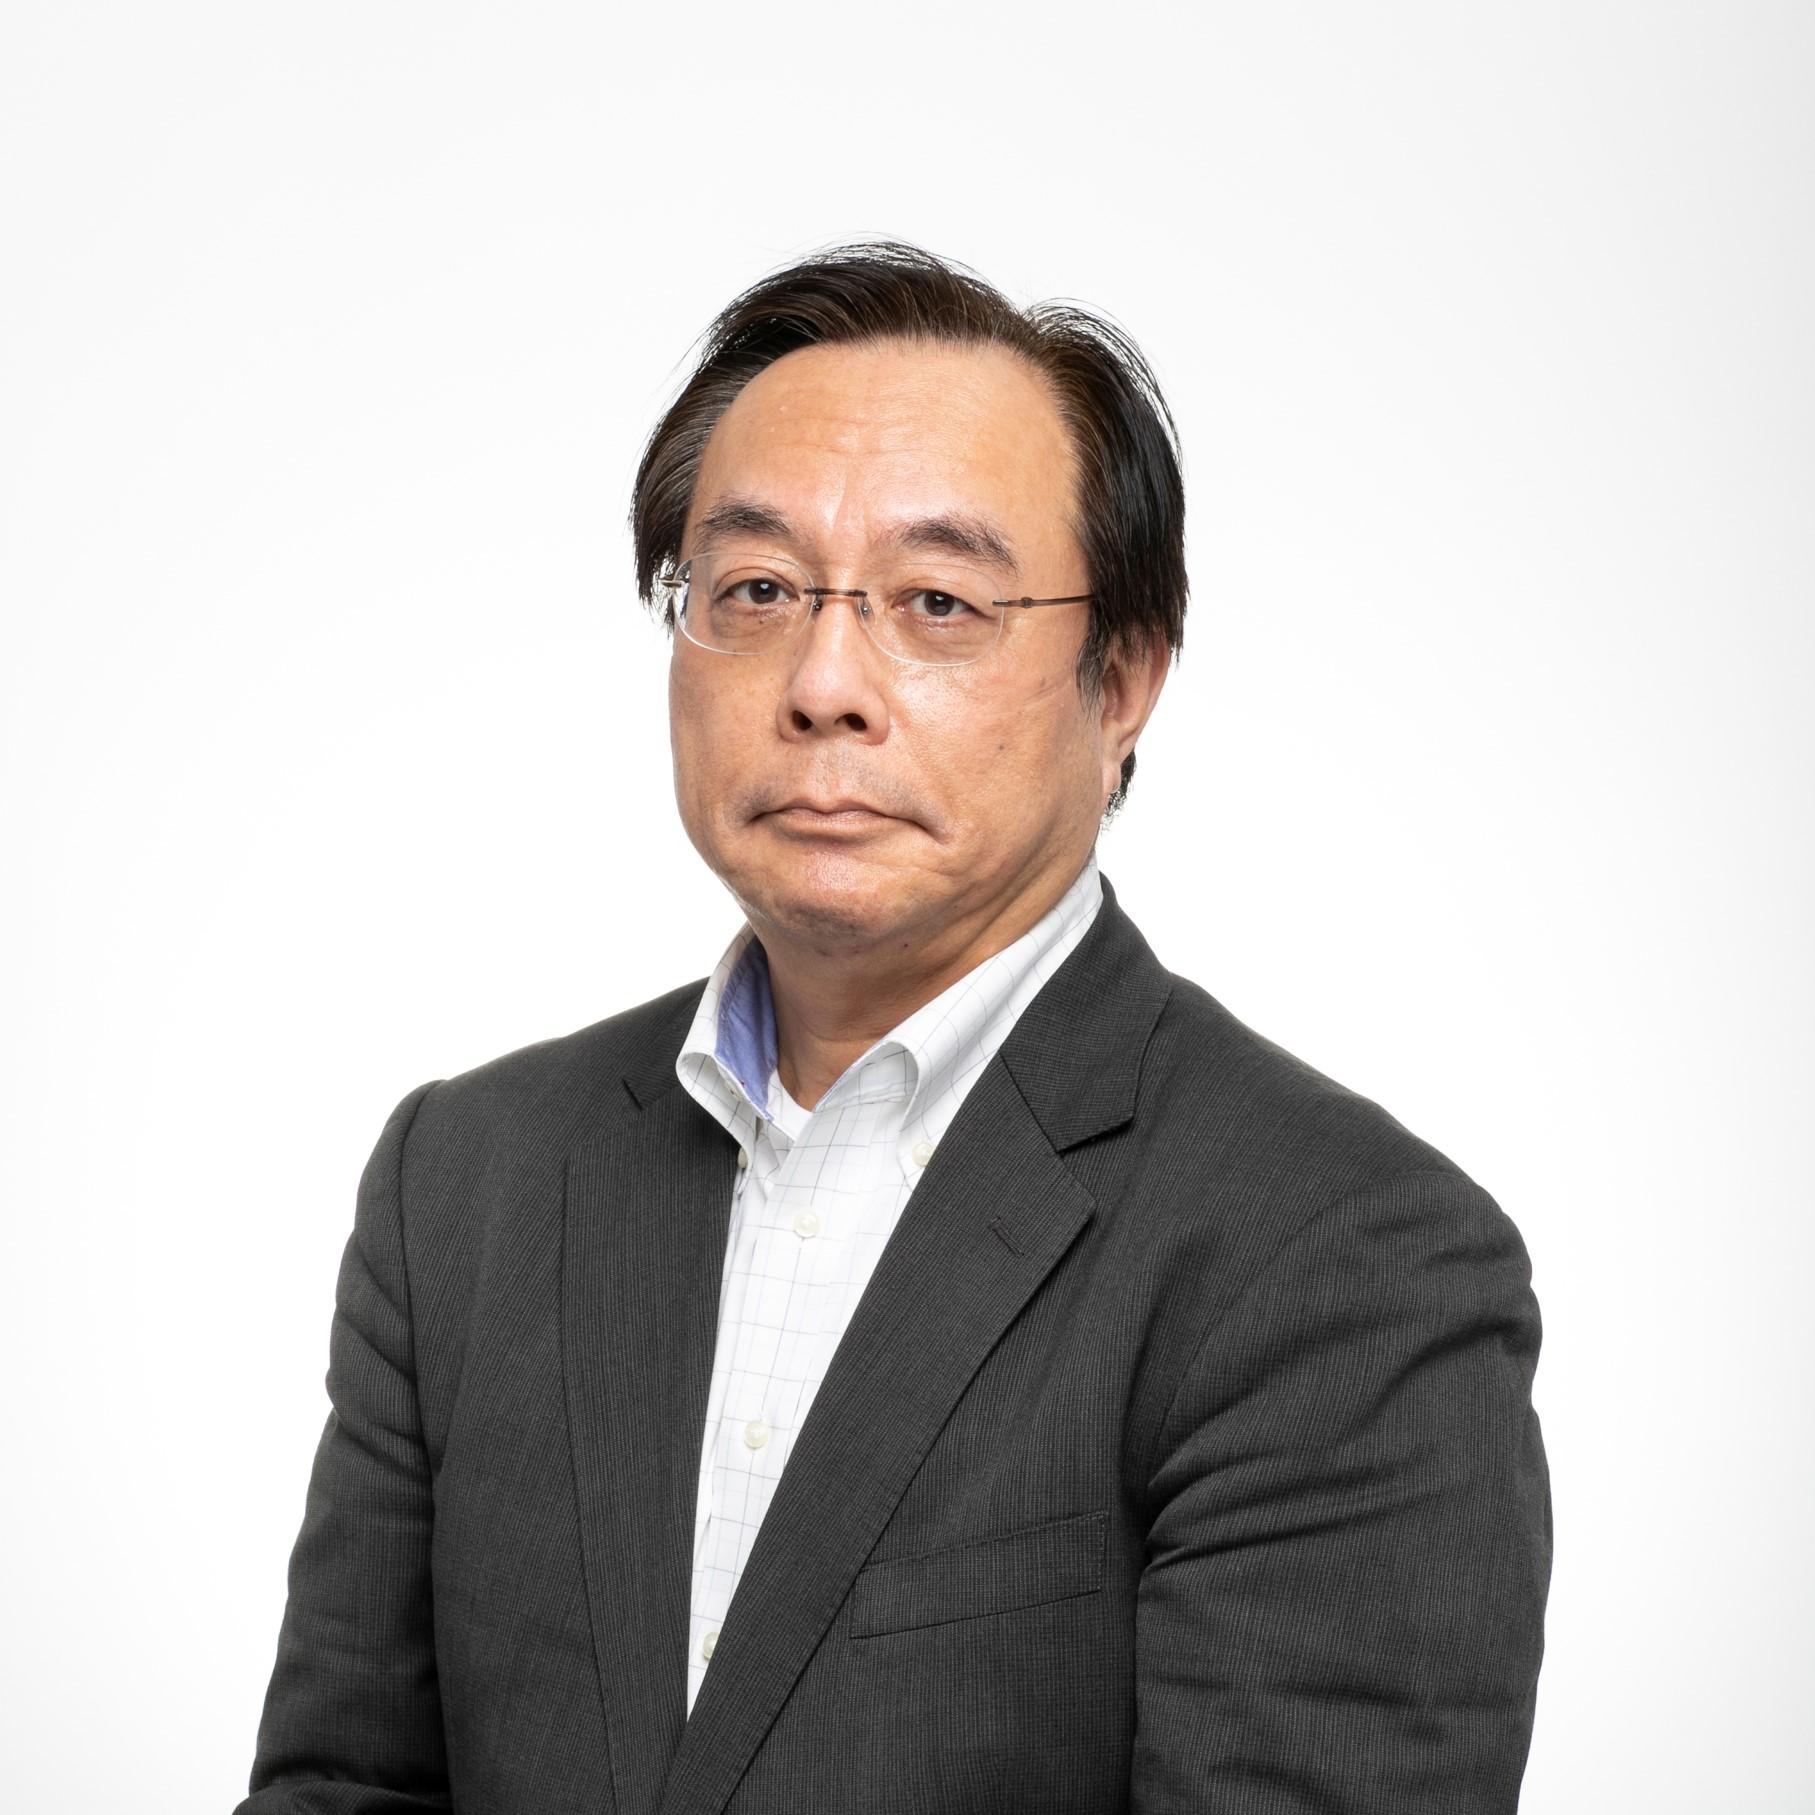 Nagato Sato